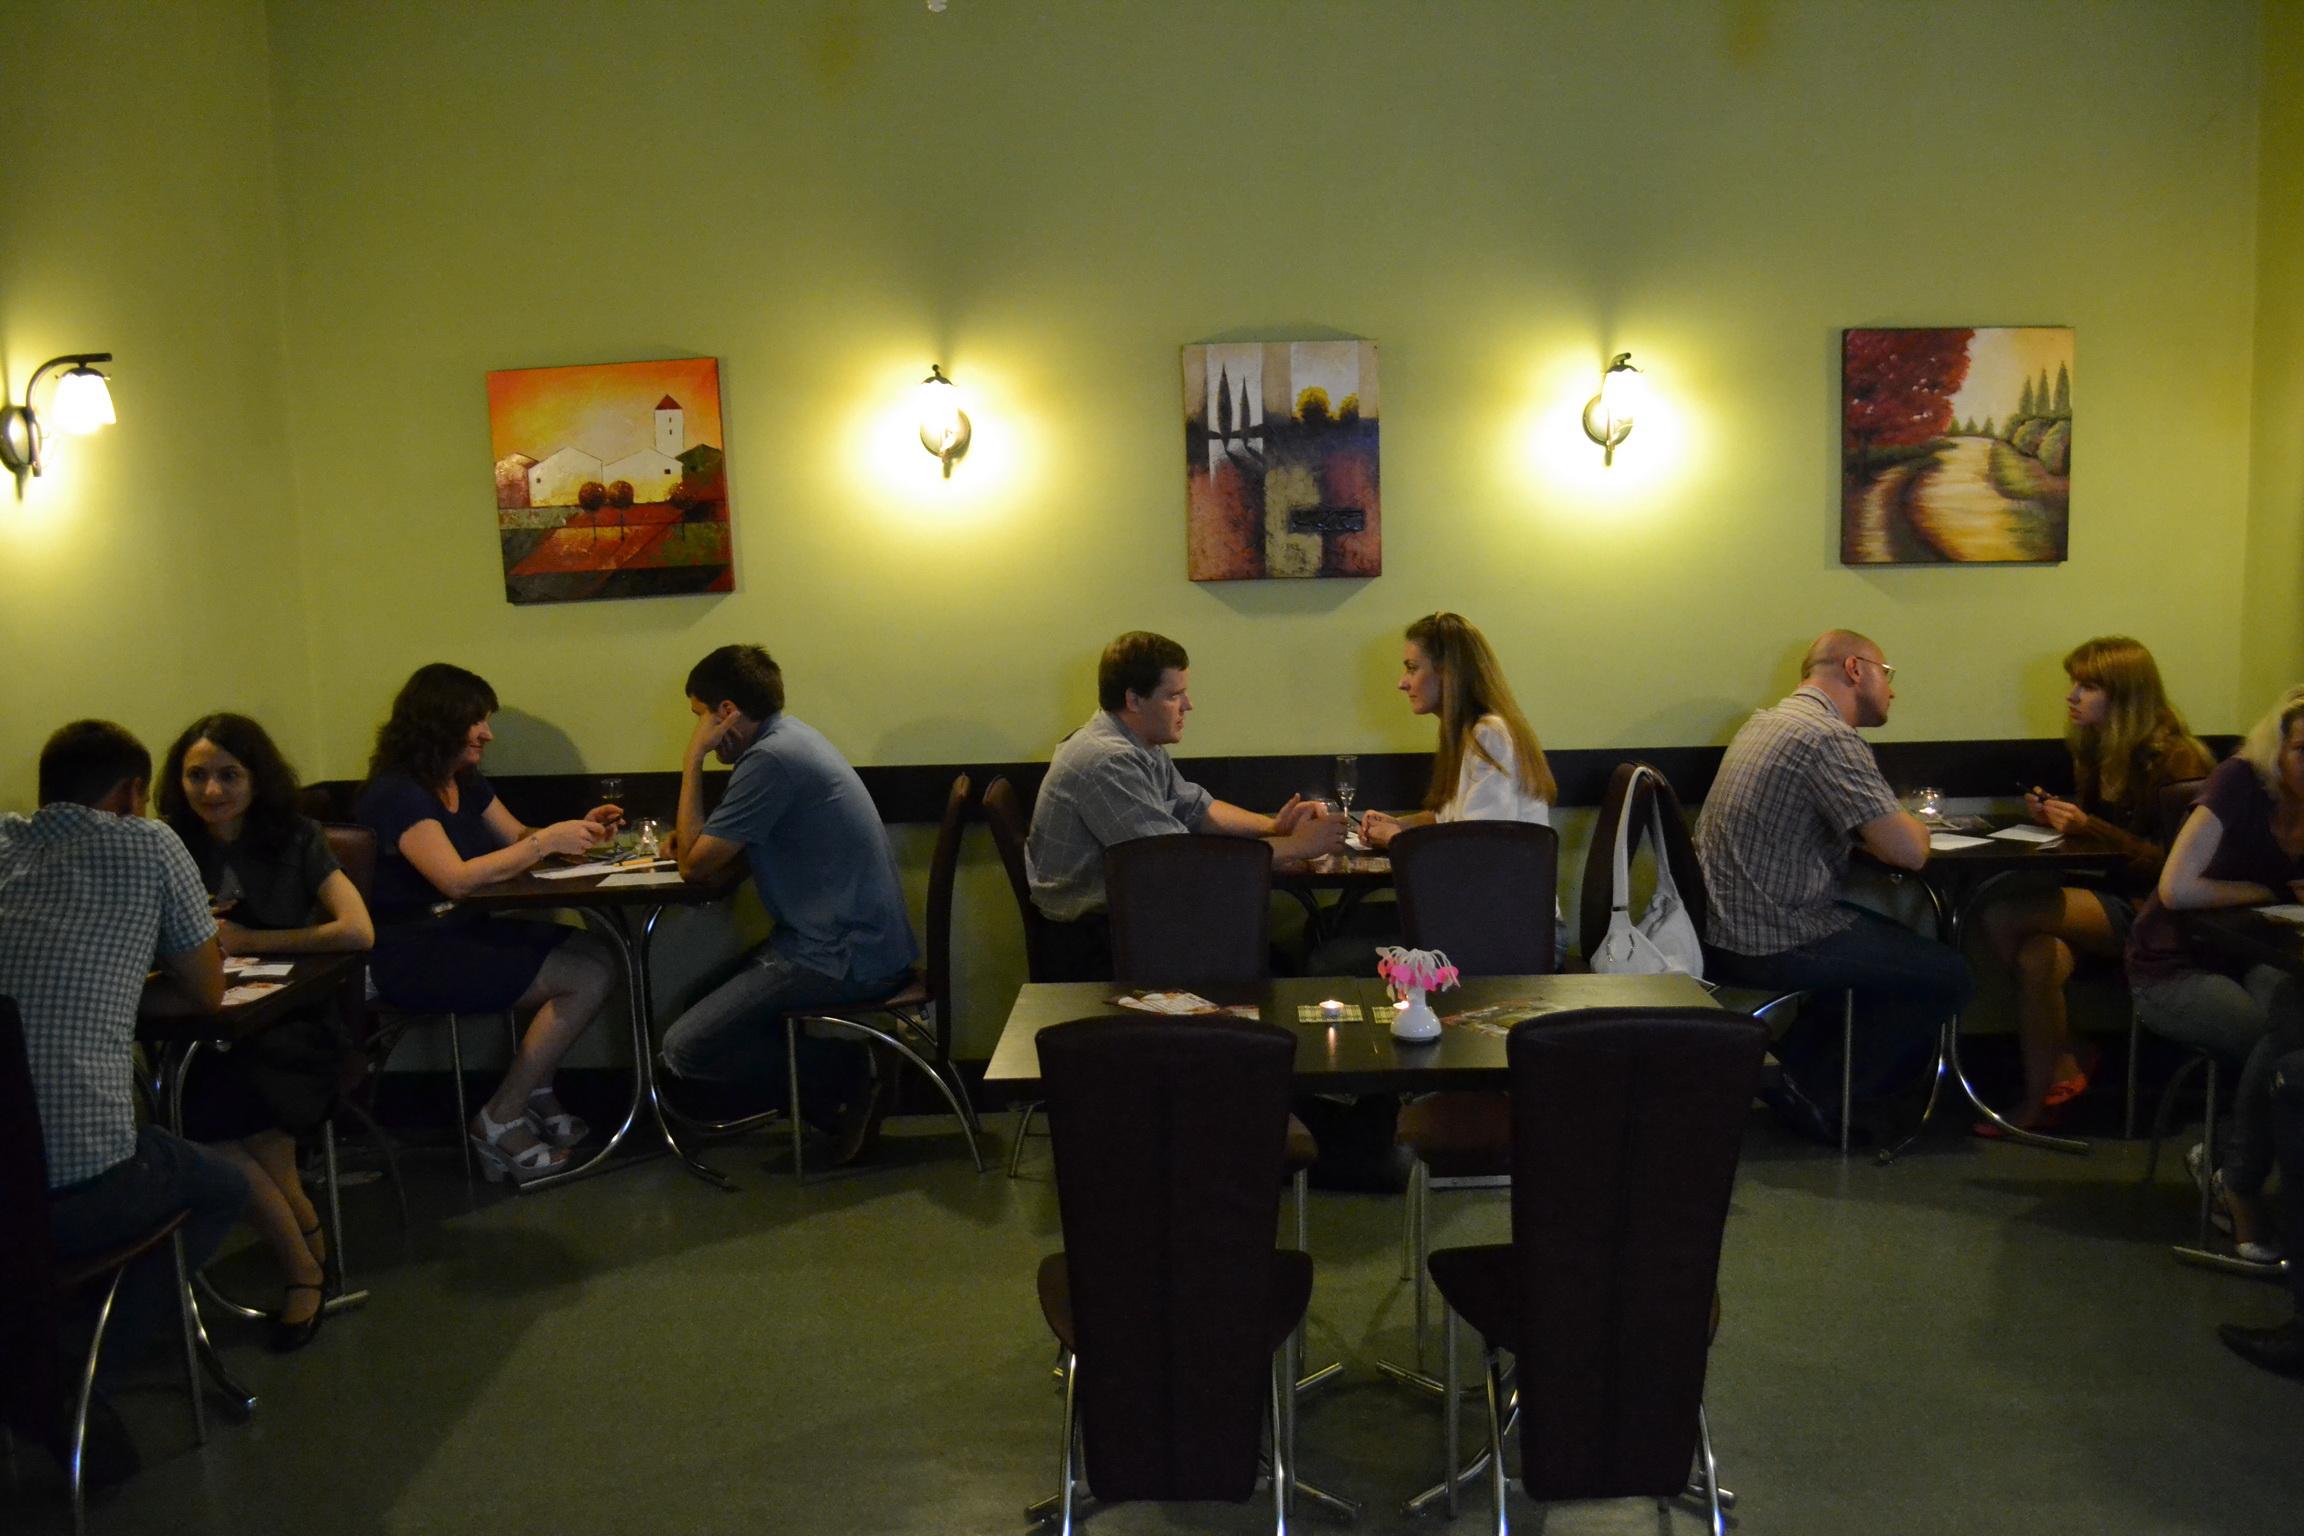 клуб знакомств пары сидят за столиками